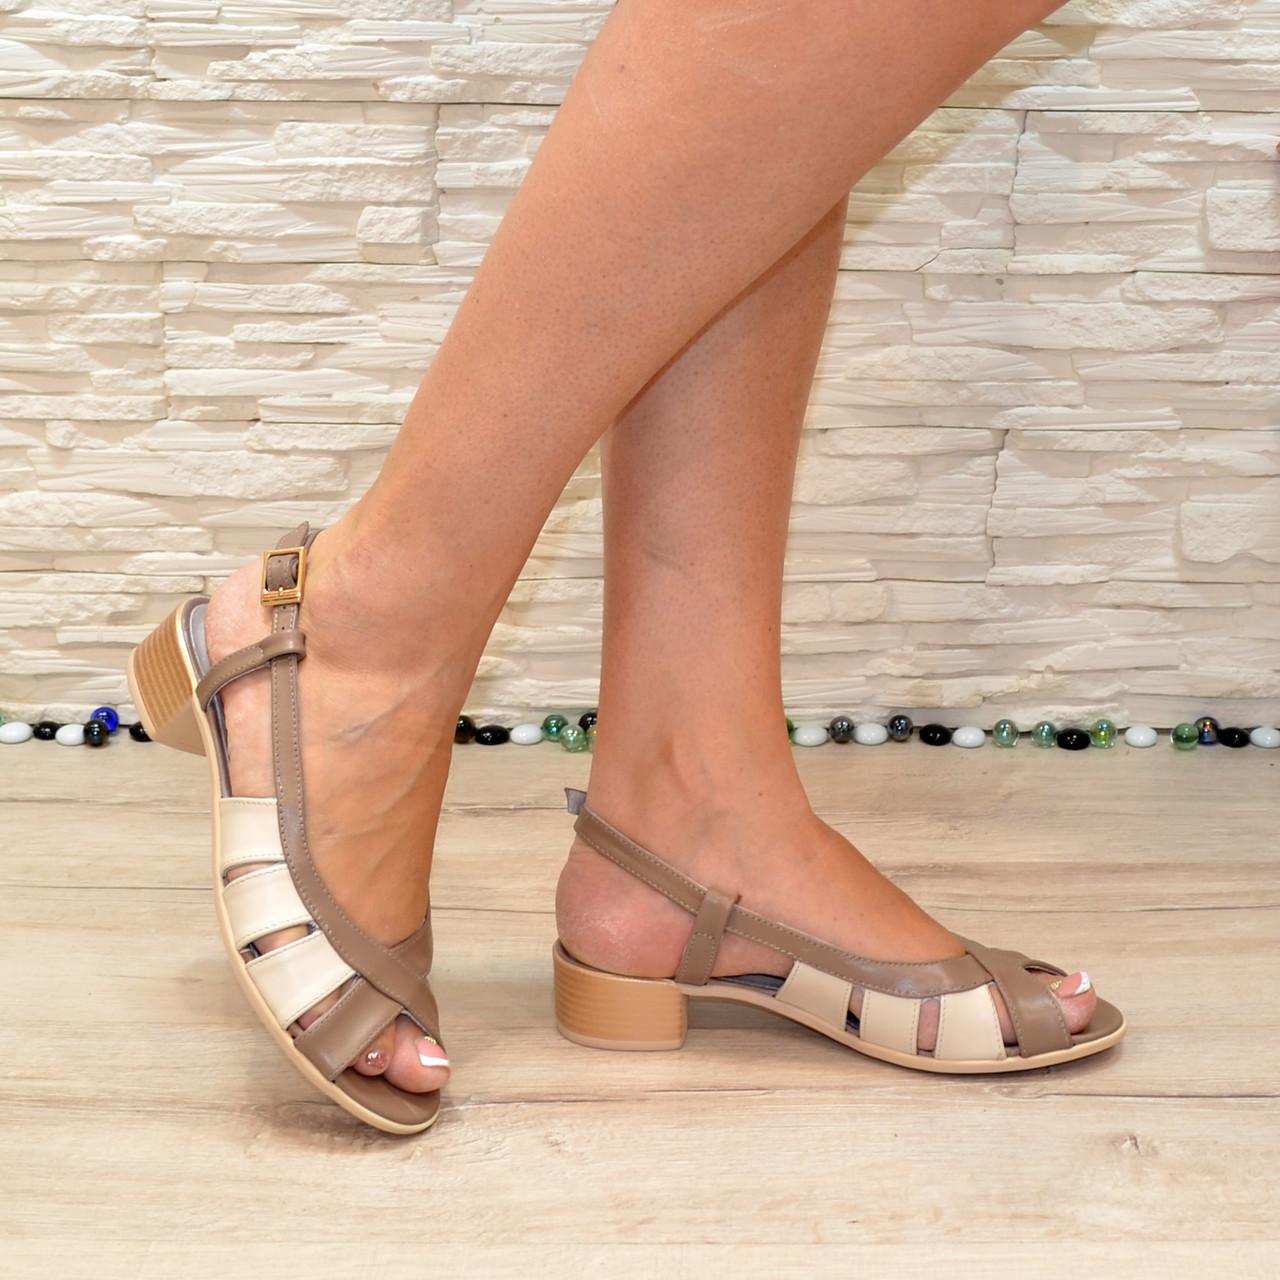 Женские босоножки на невысоком каблуке, цвет визон/беж